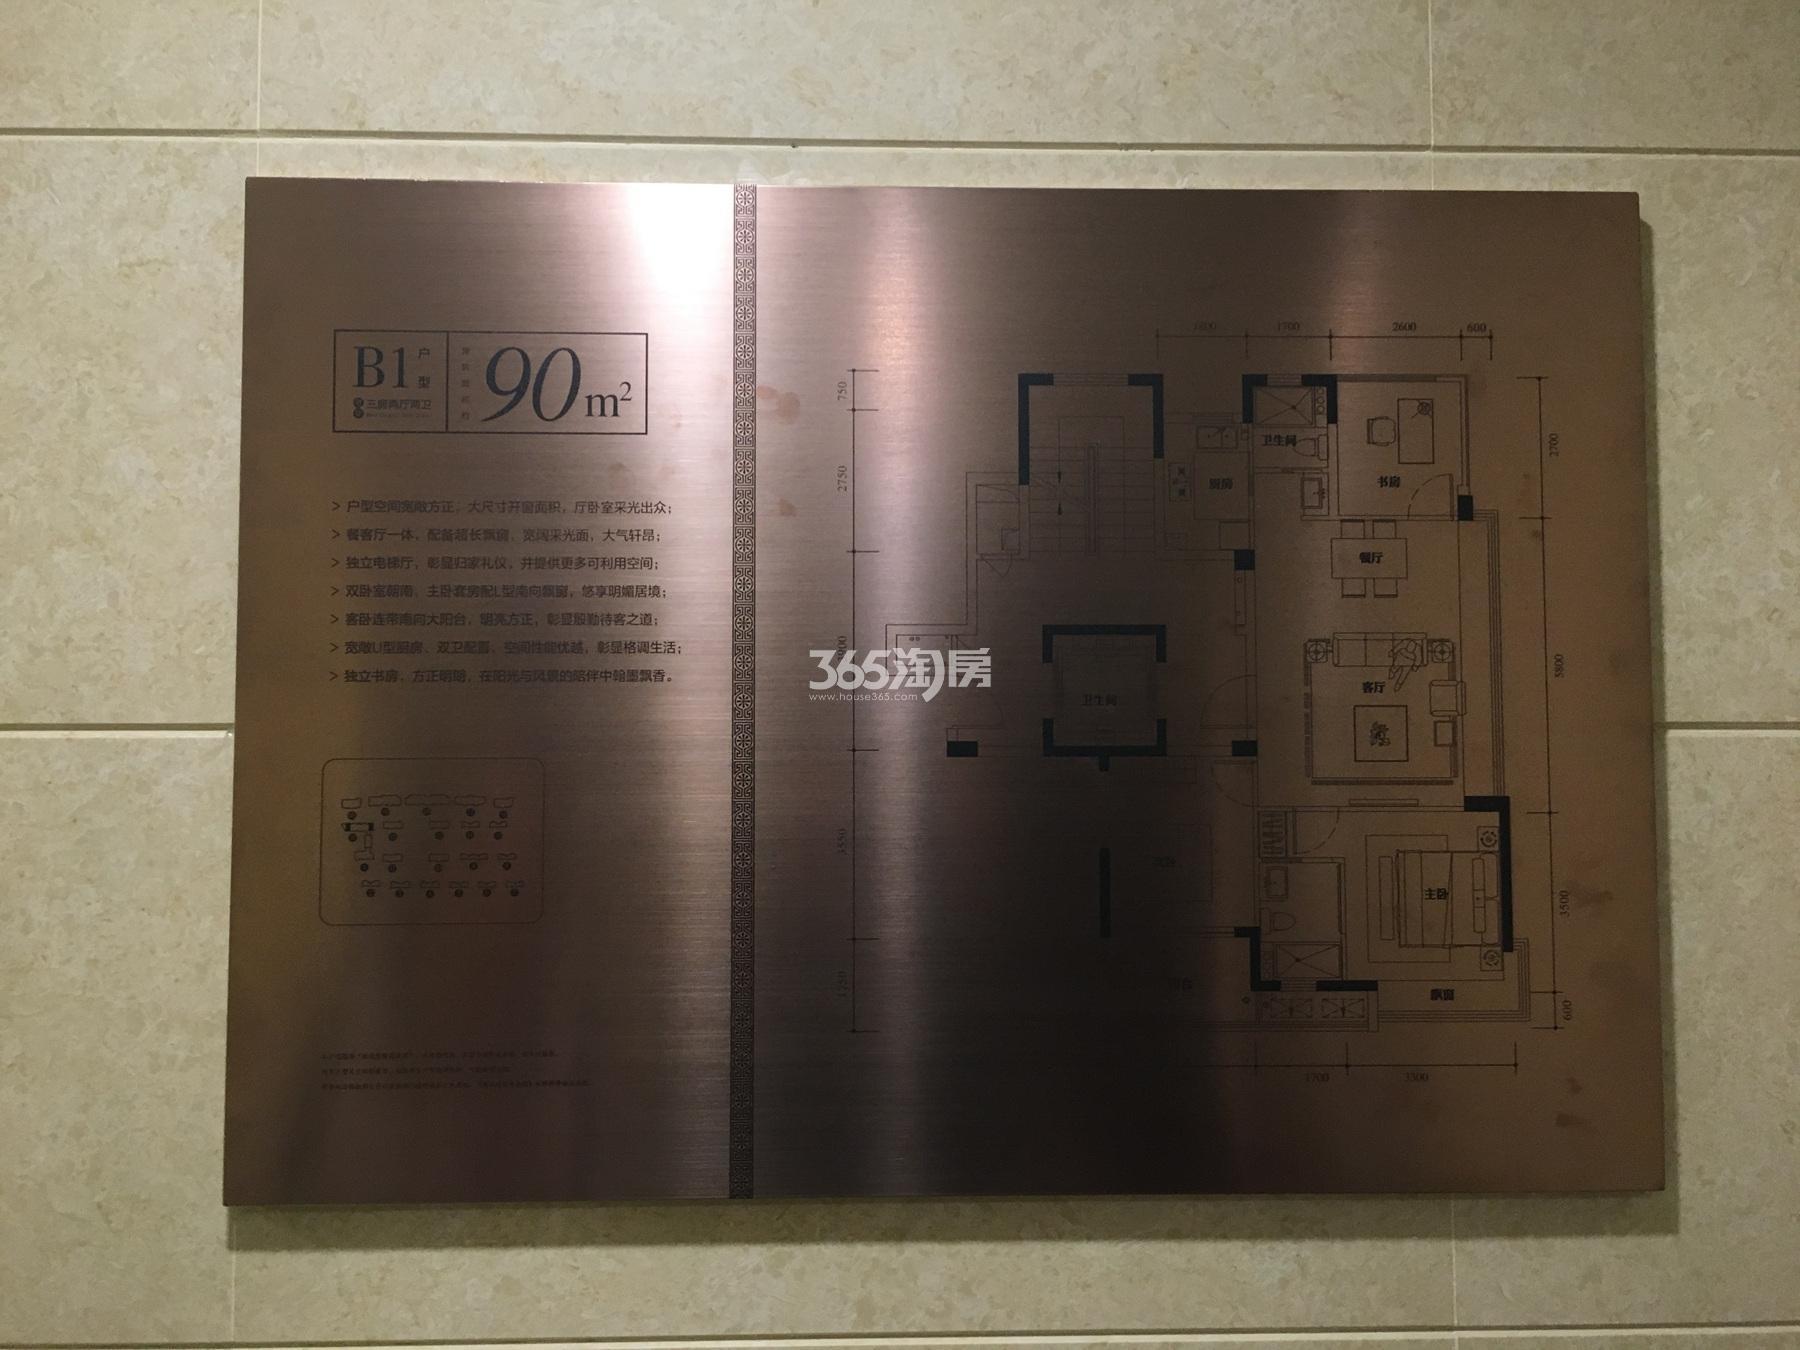 海德公园90方(B1户型)样板房